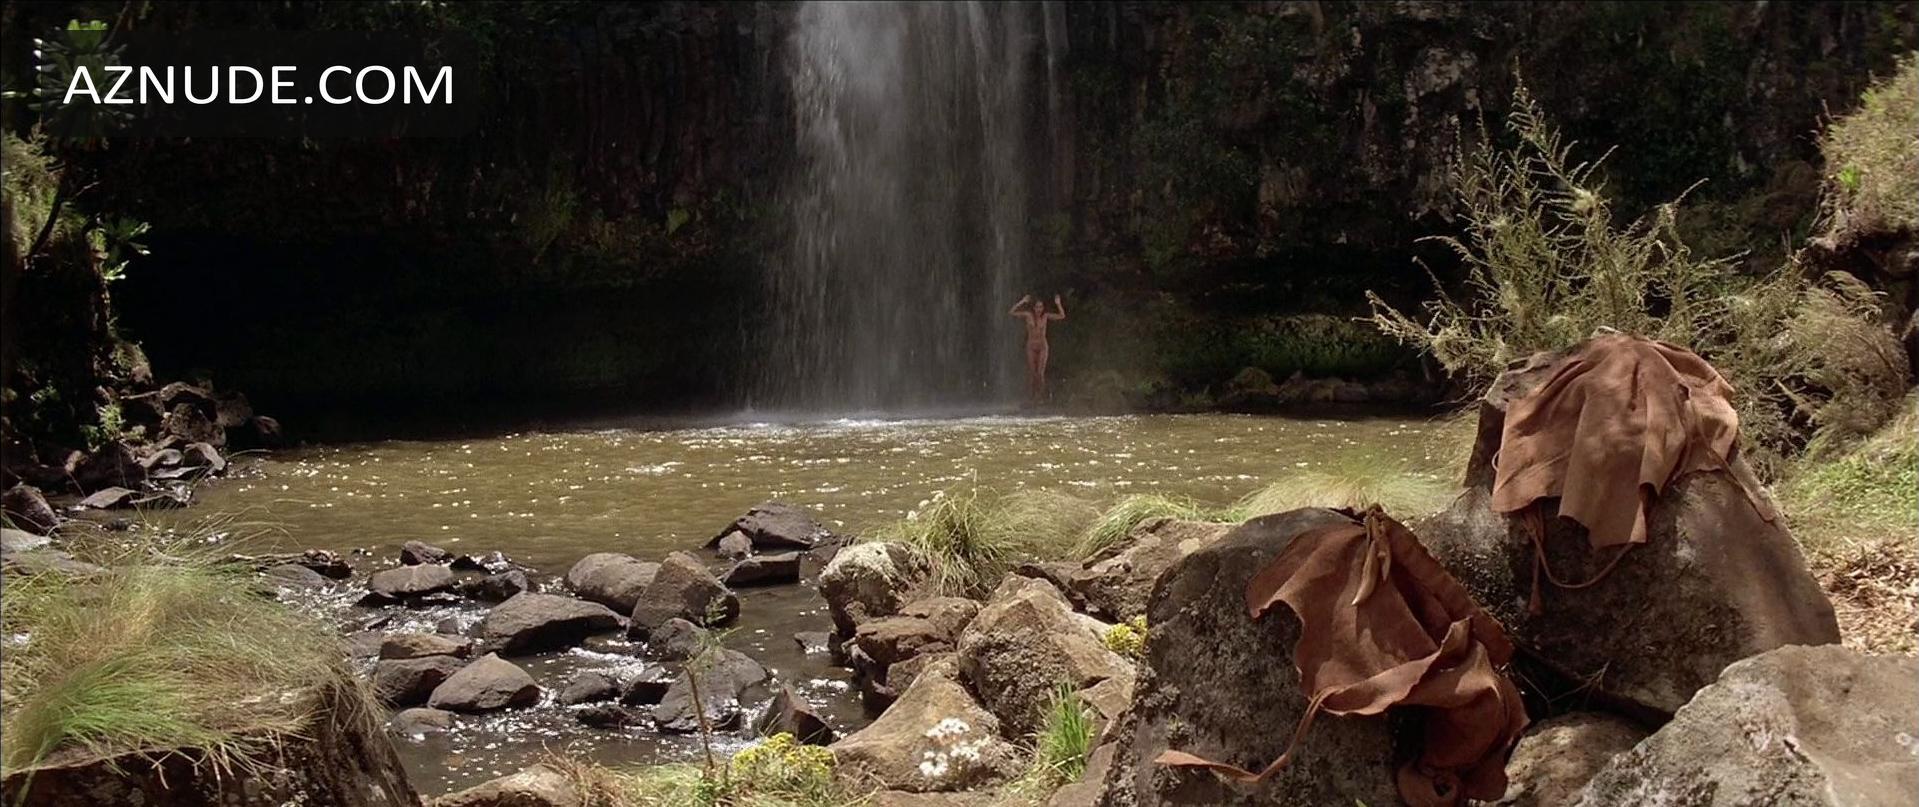 Fuck! she's tanya roberts nude scenes